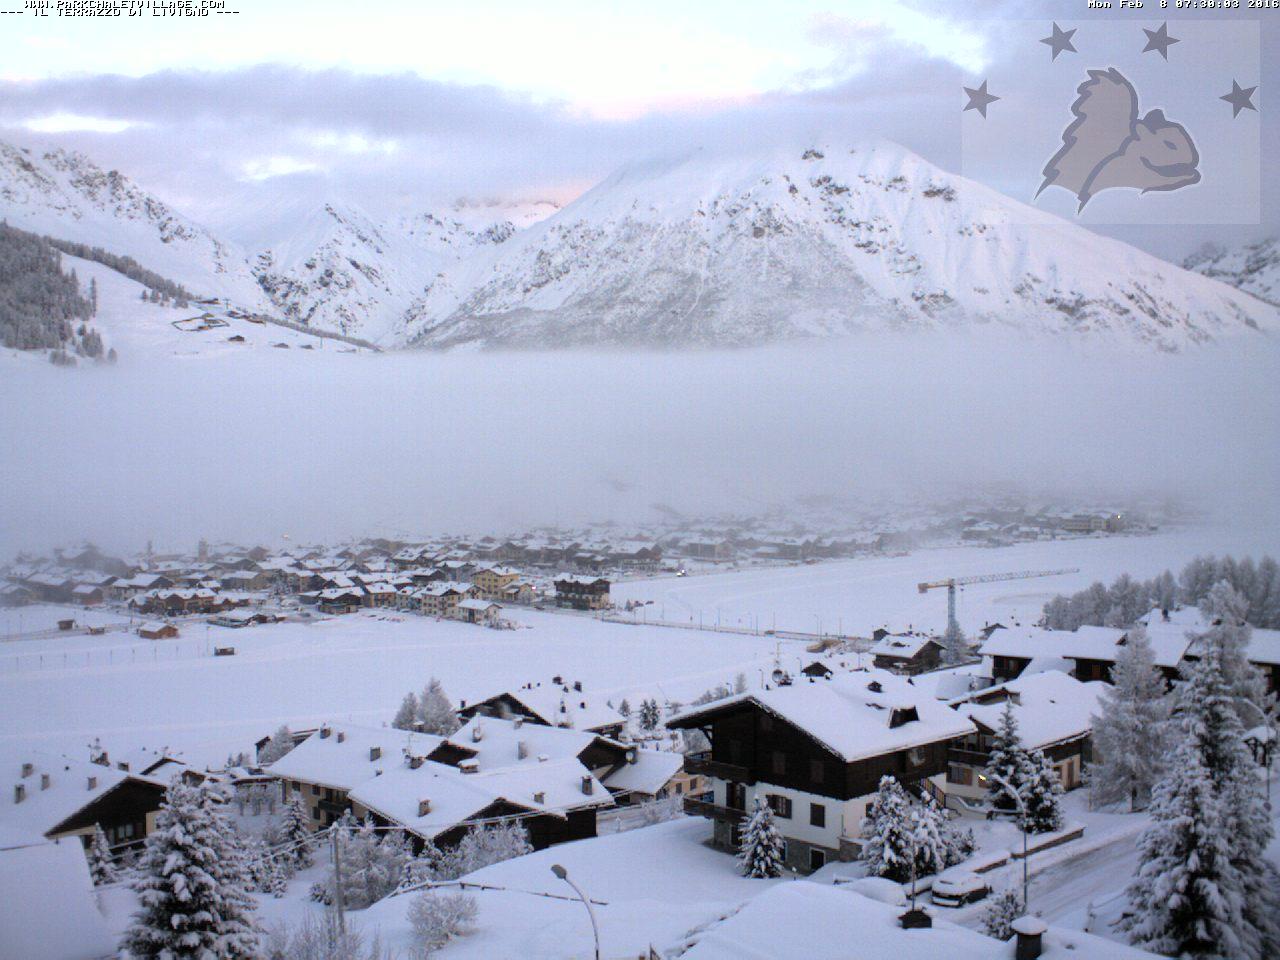 Alpi sommerse dalla neve, e ancora non è finita